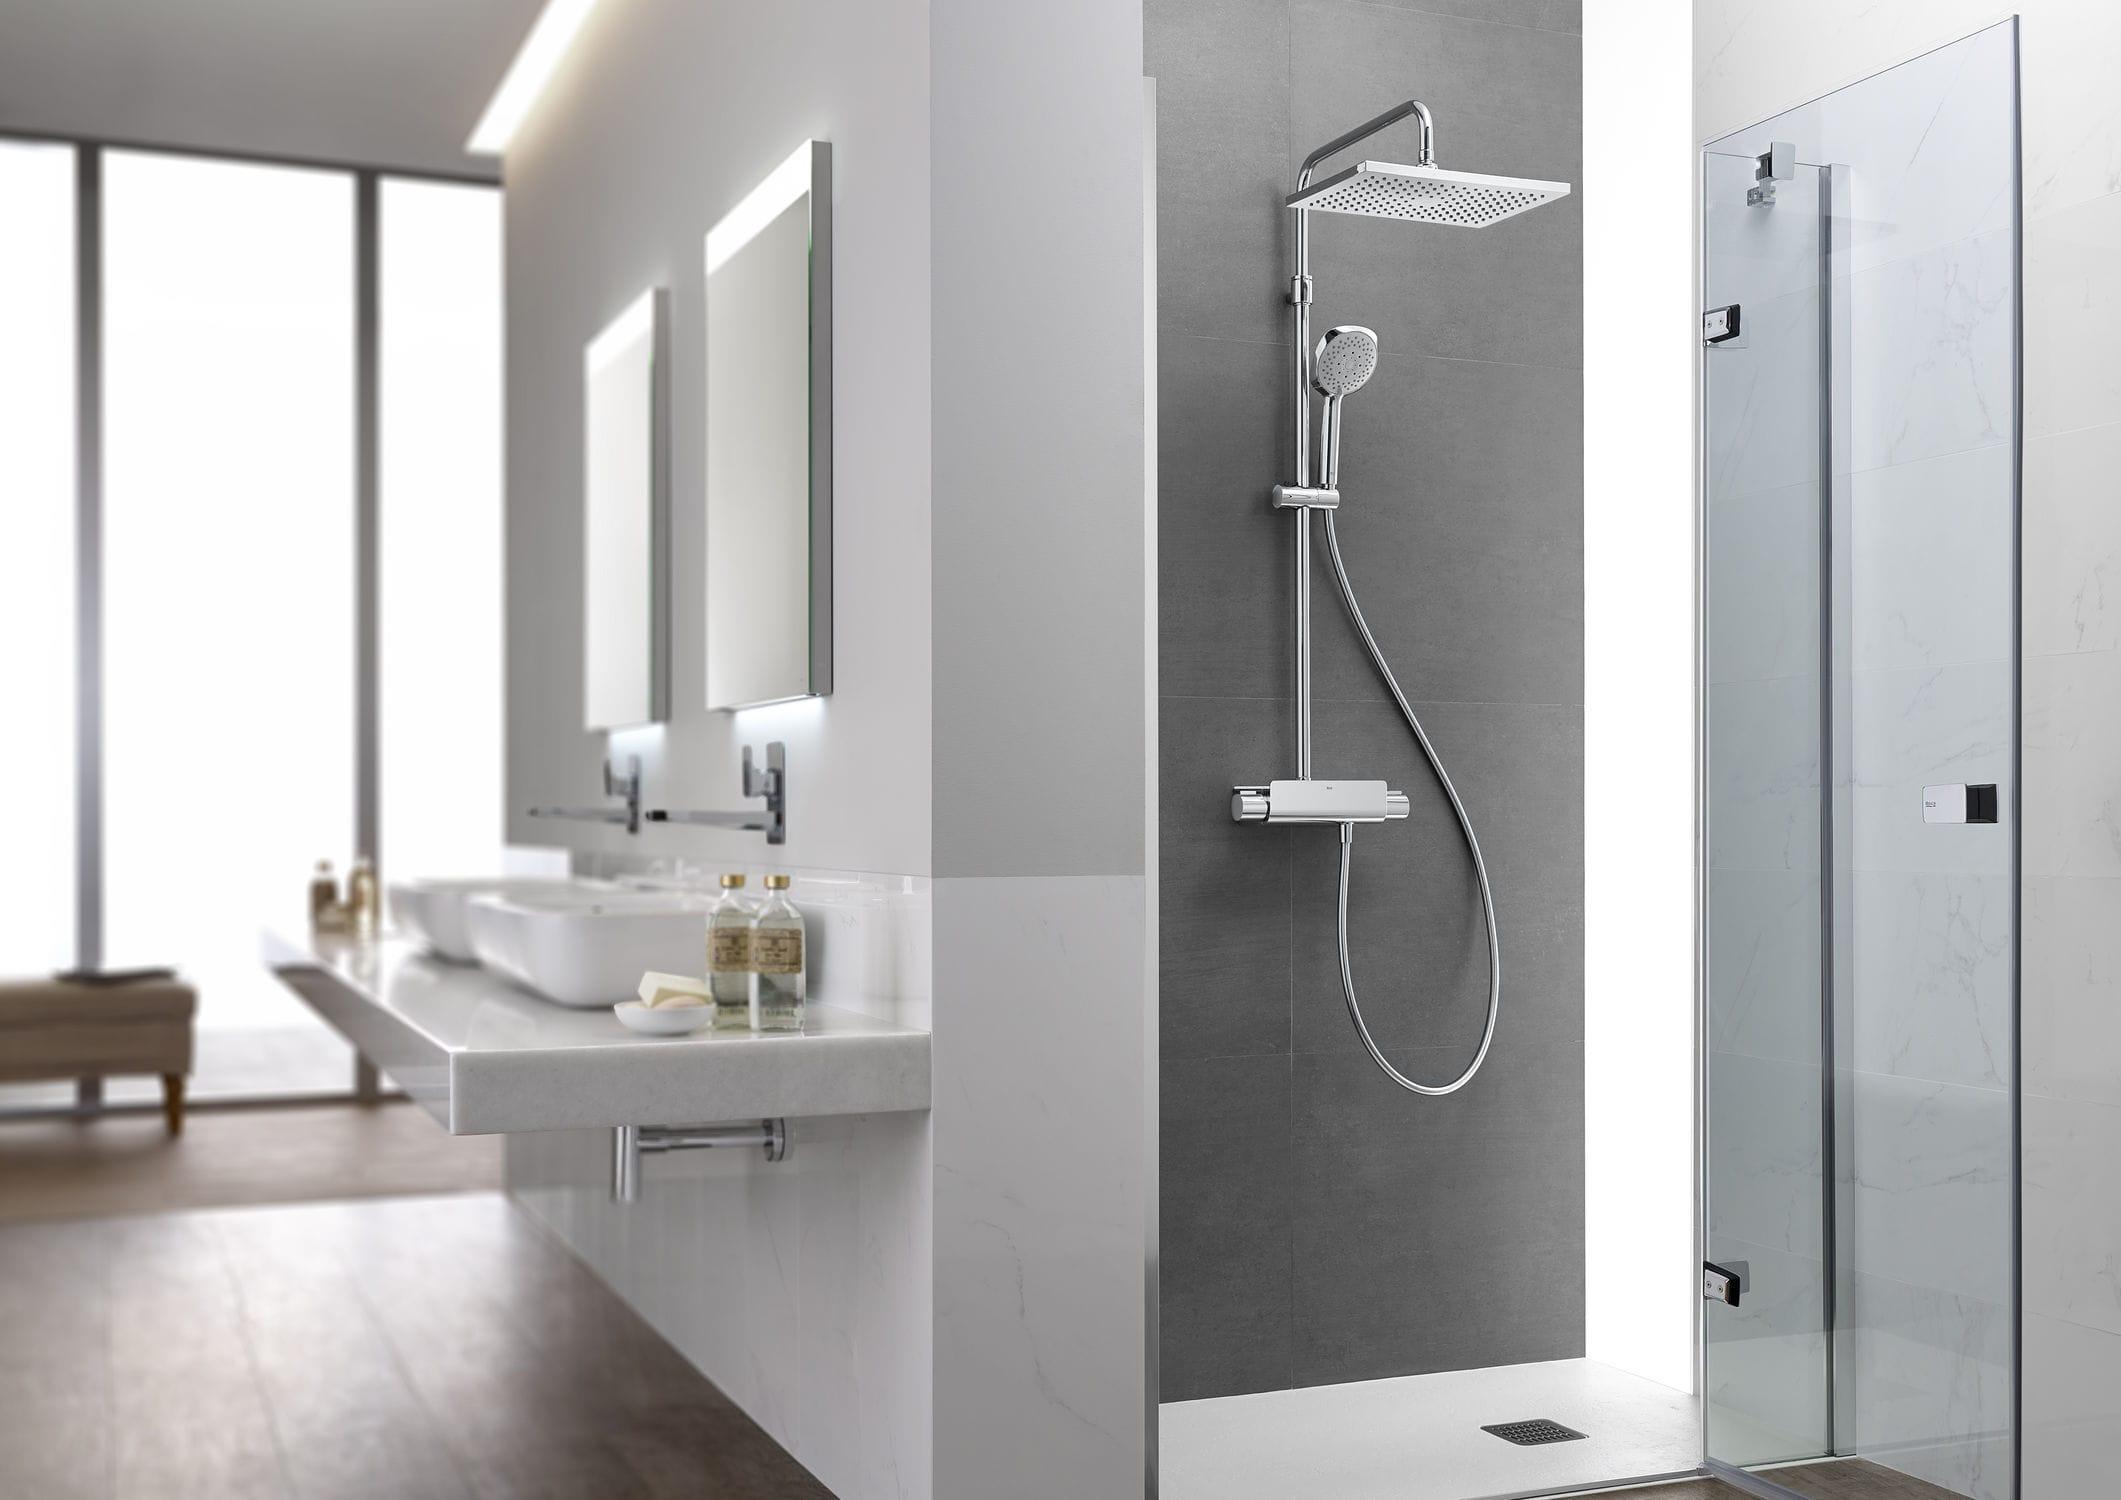 La miglior colonna doccia del 2018 questa scoprila subito - Colonna doccia bagno turco prezzi ...